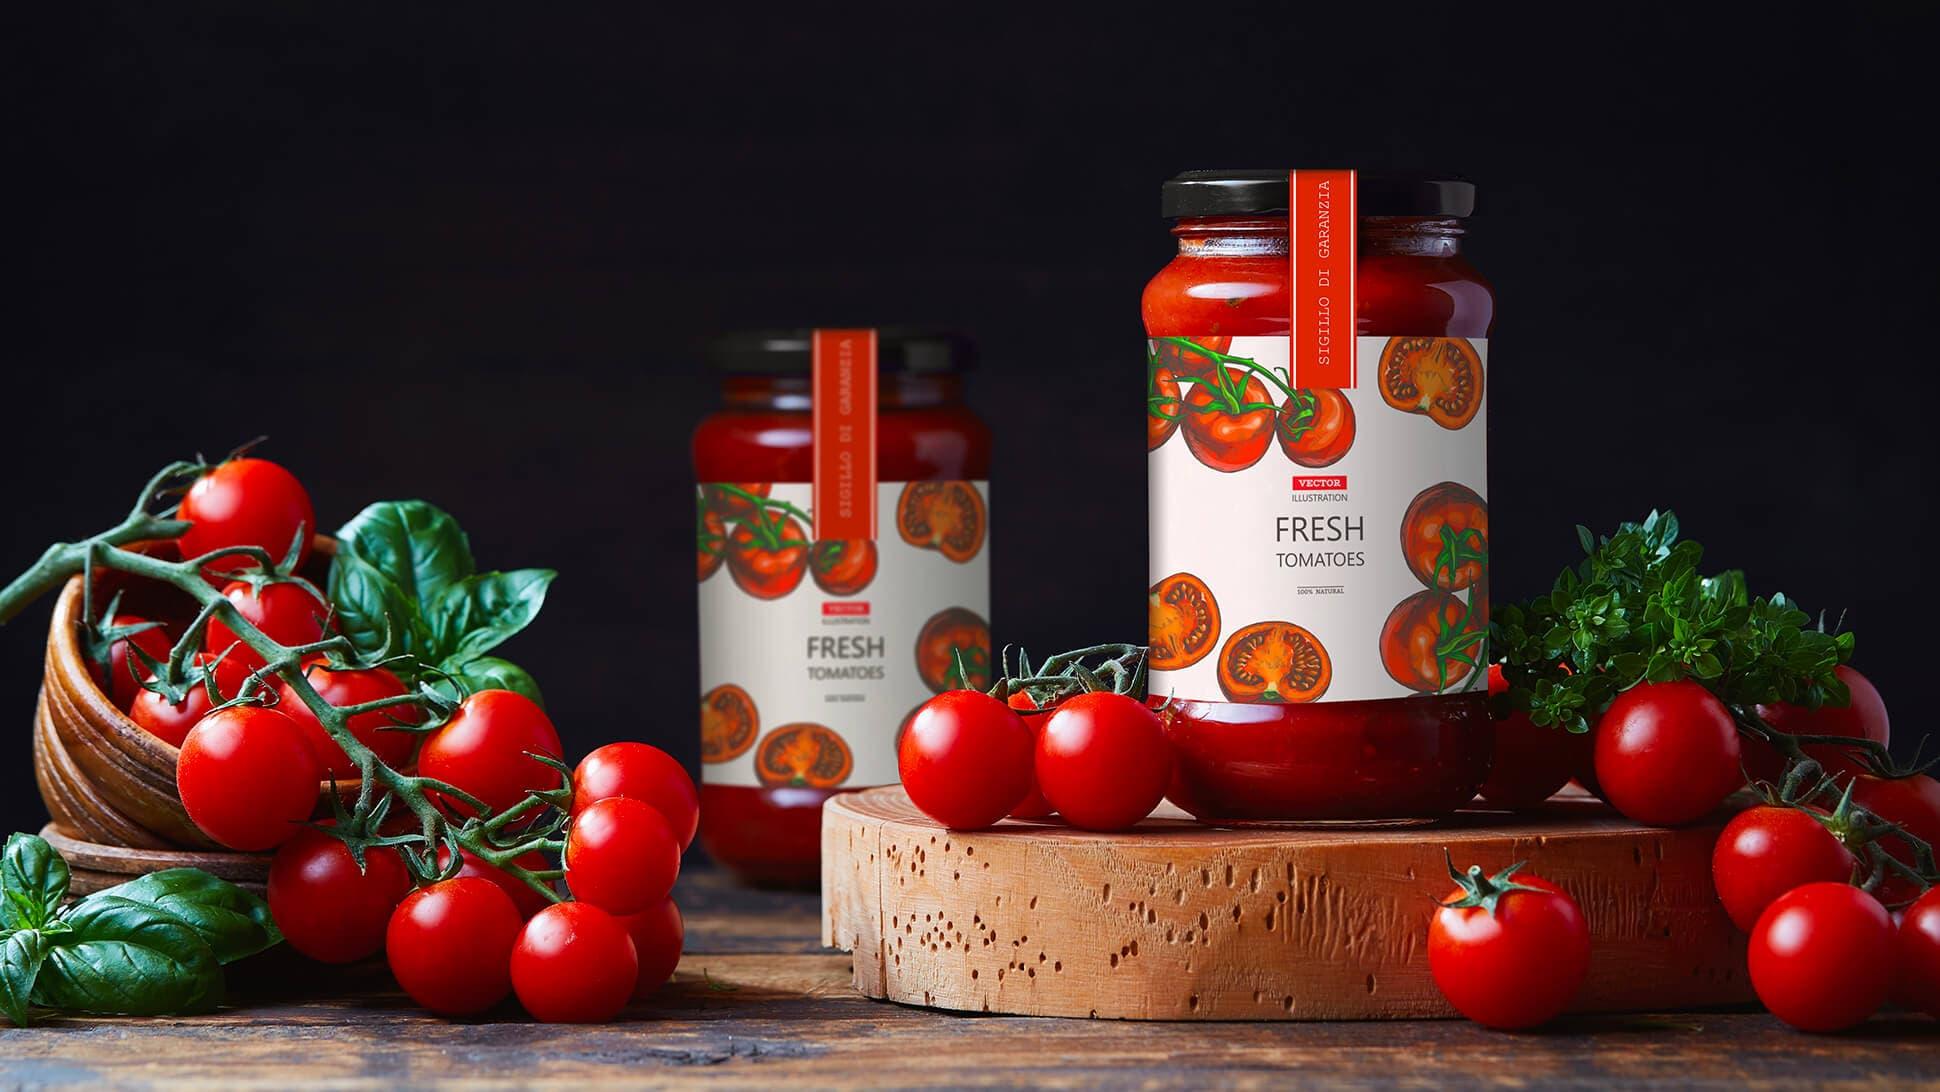 Etichette per vasetti di passata e prodotti alimentari in genere | tictac.it